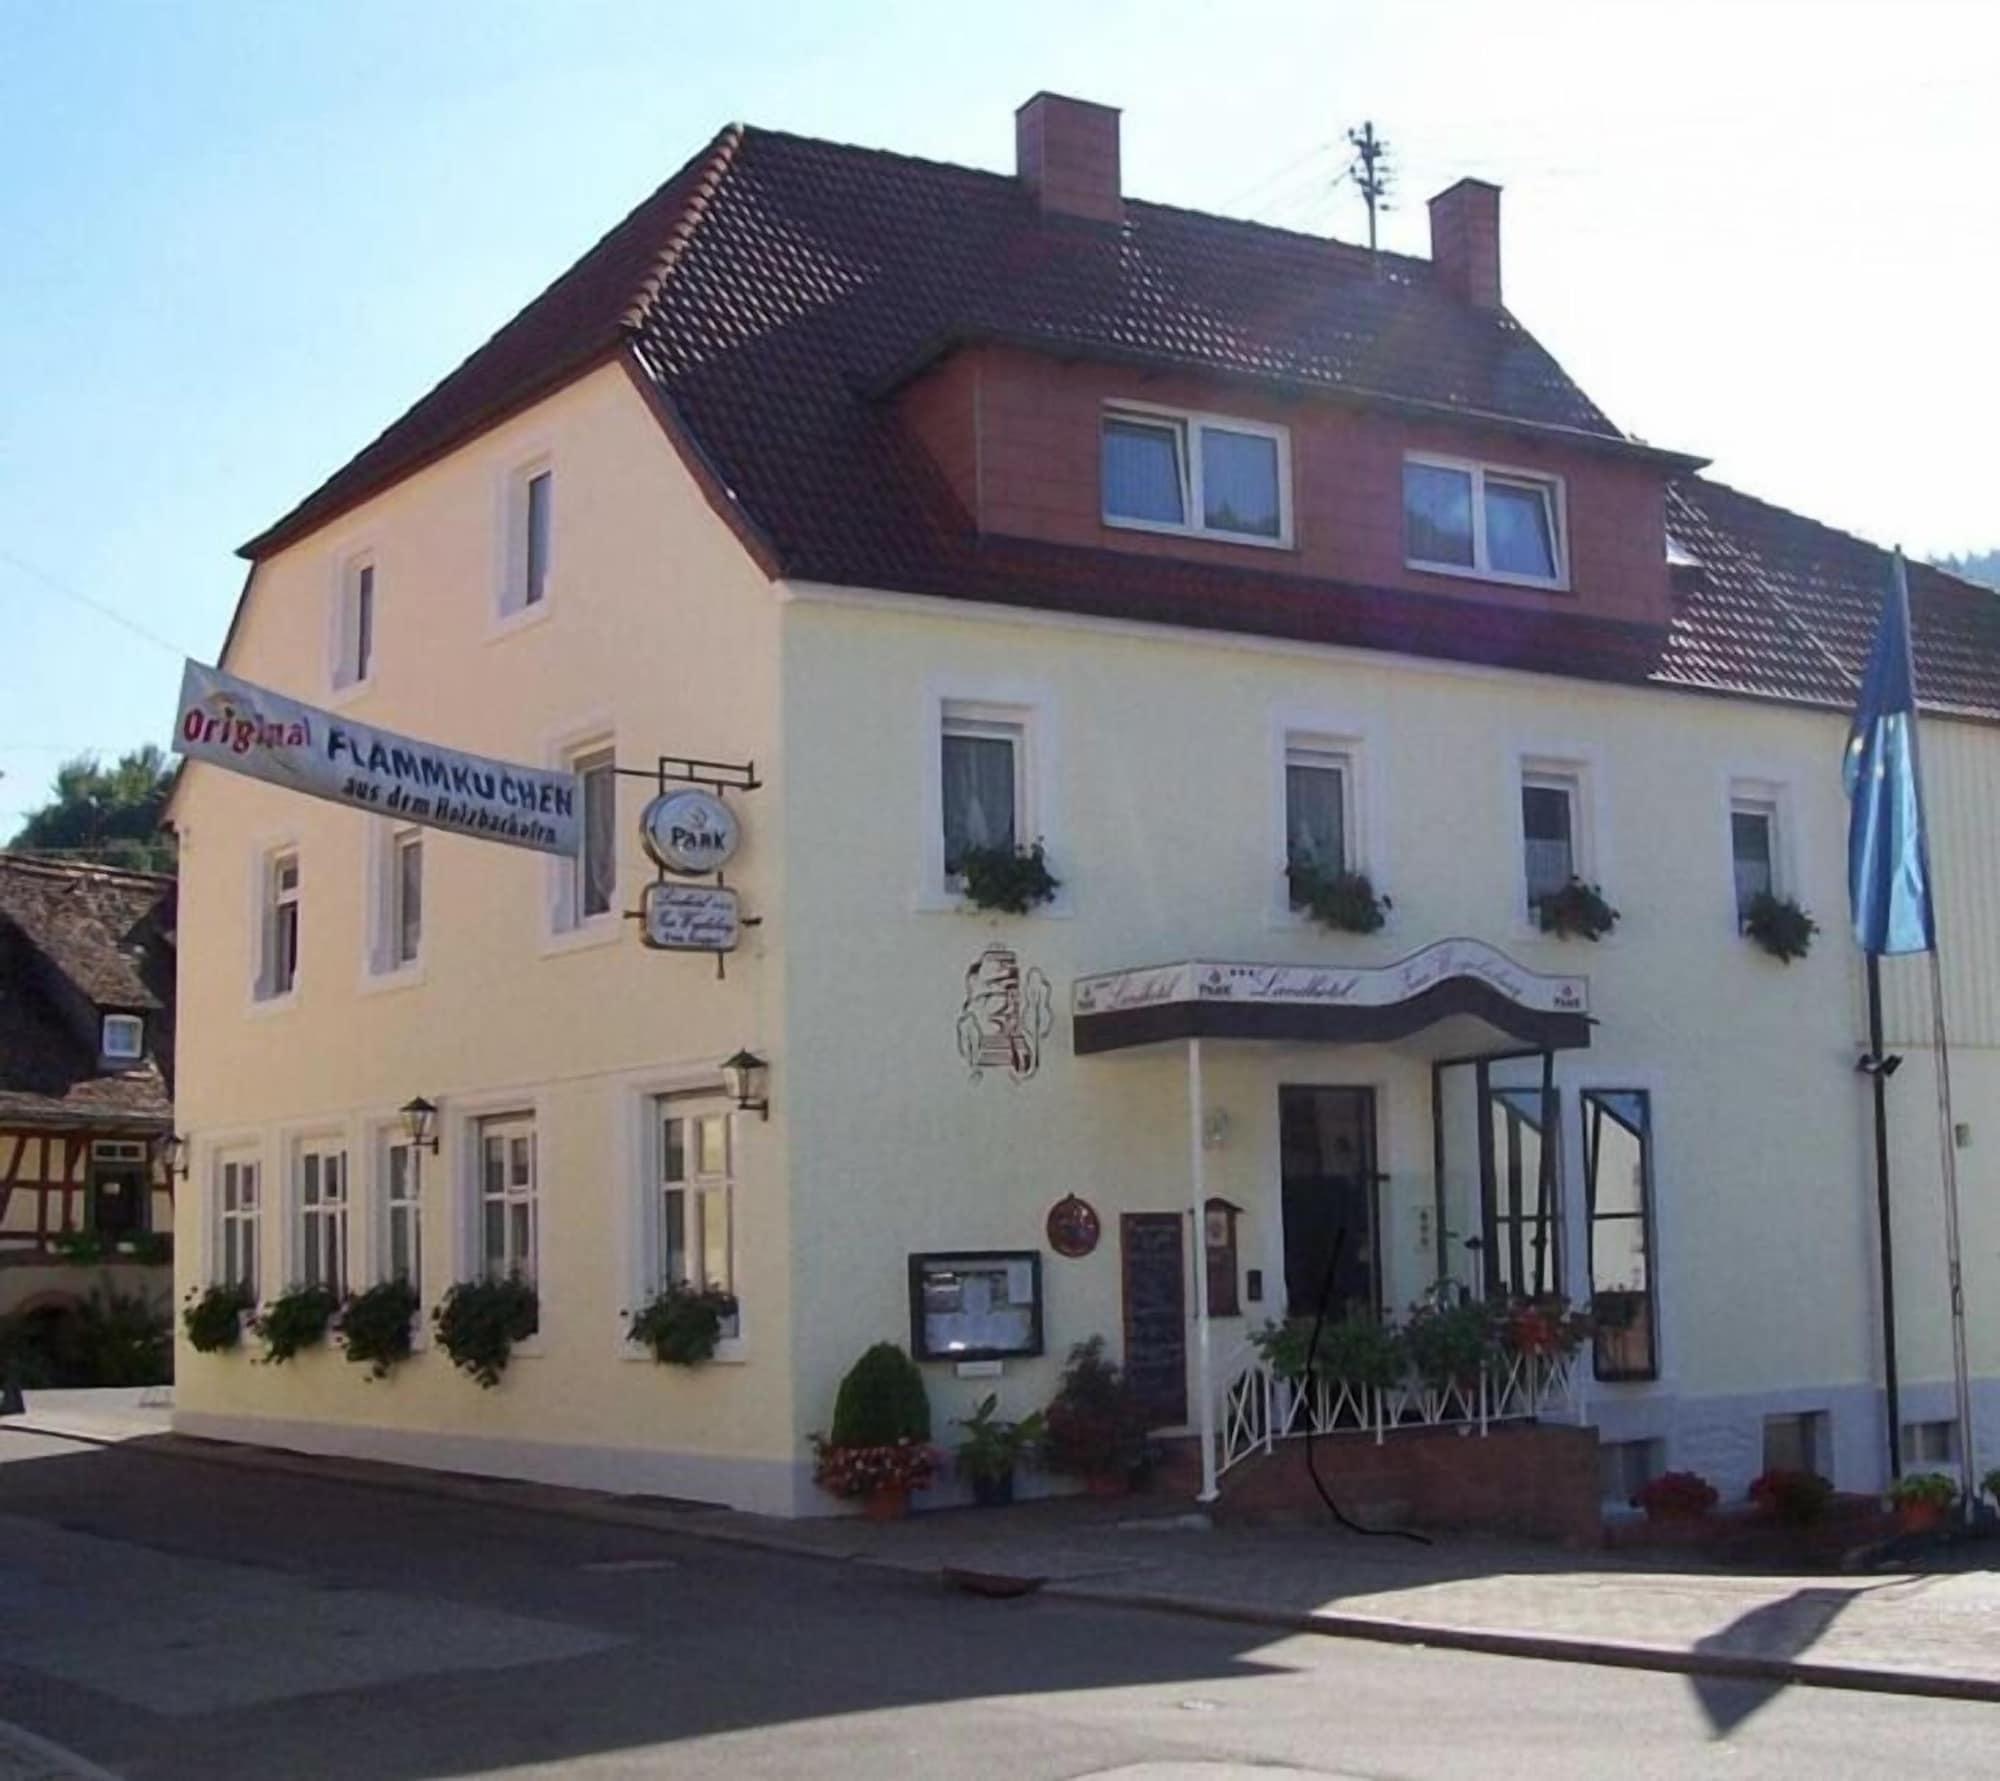 Garni-Hotel zur Wegelnburg, Südwestpfalz